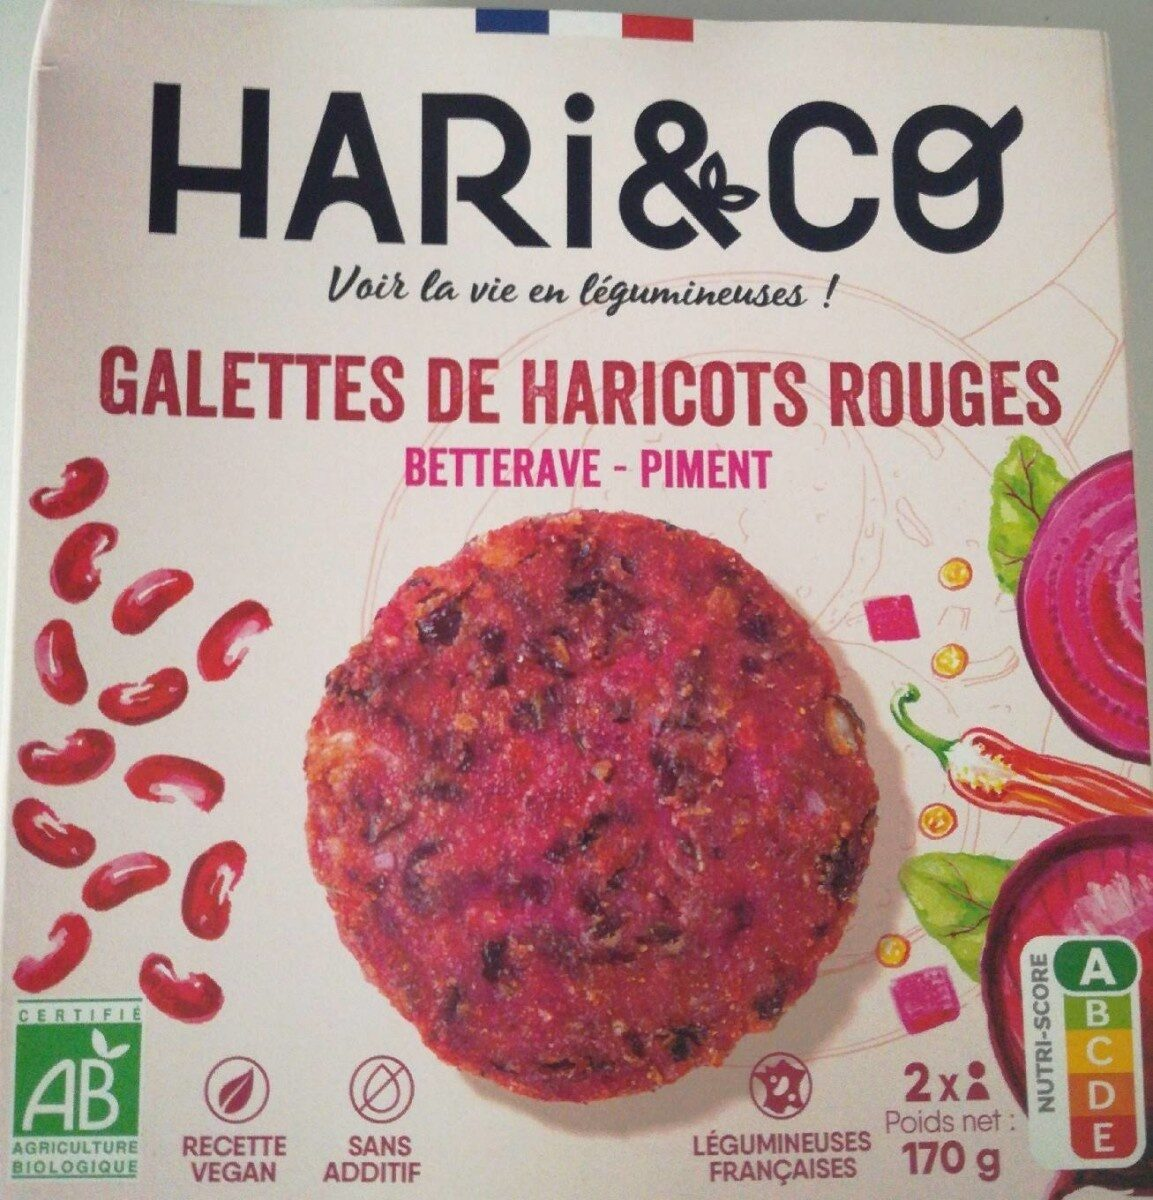 Galettes de haricots rouges betterave piment - Produit - fr